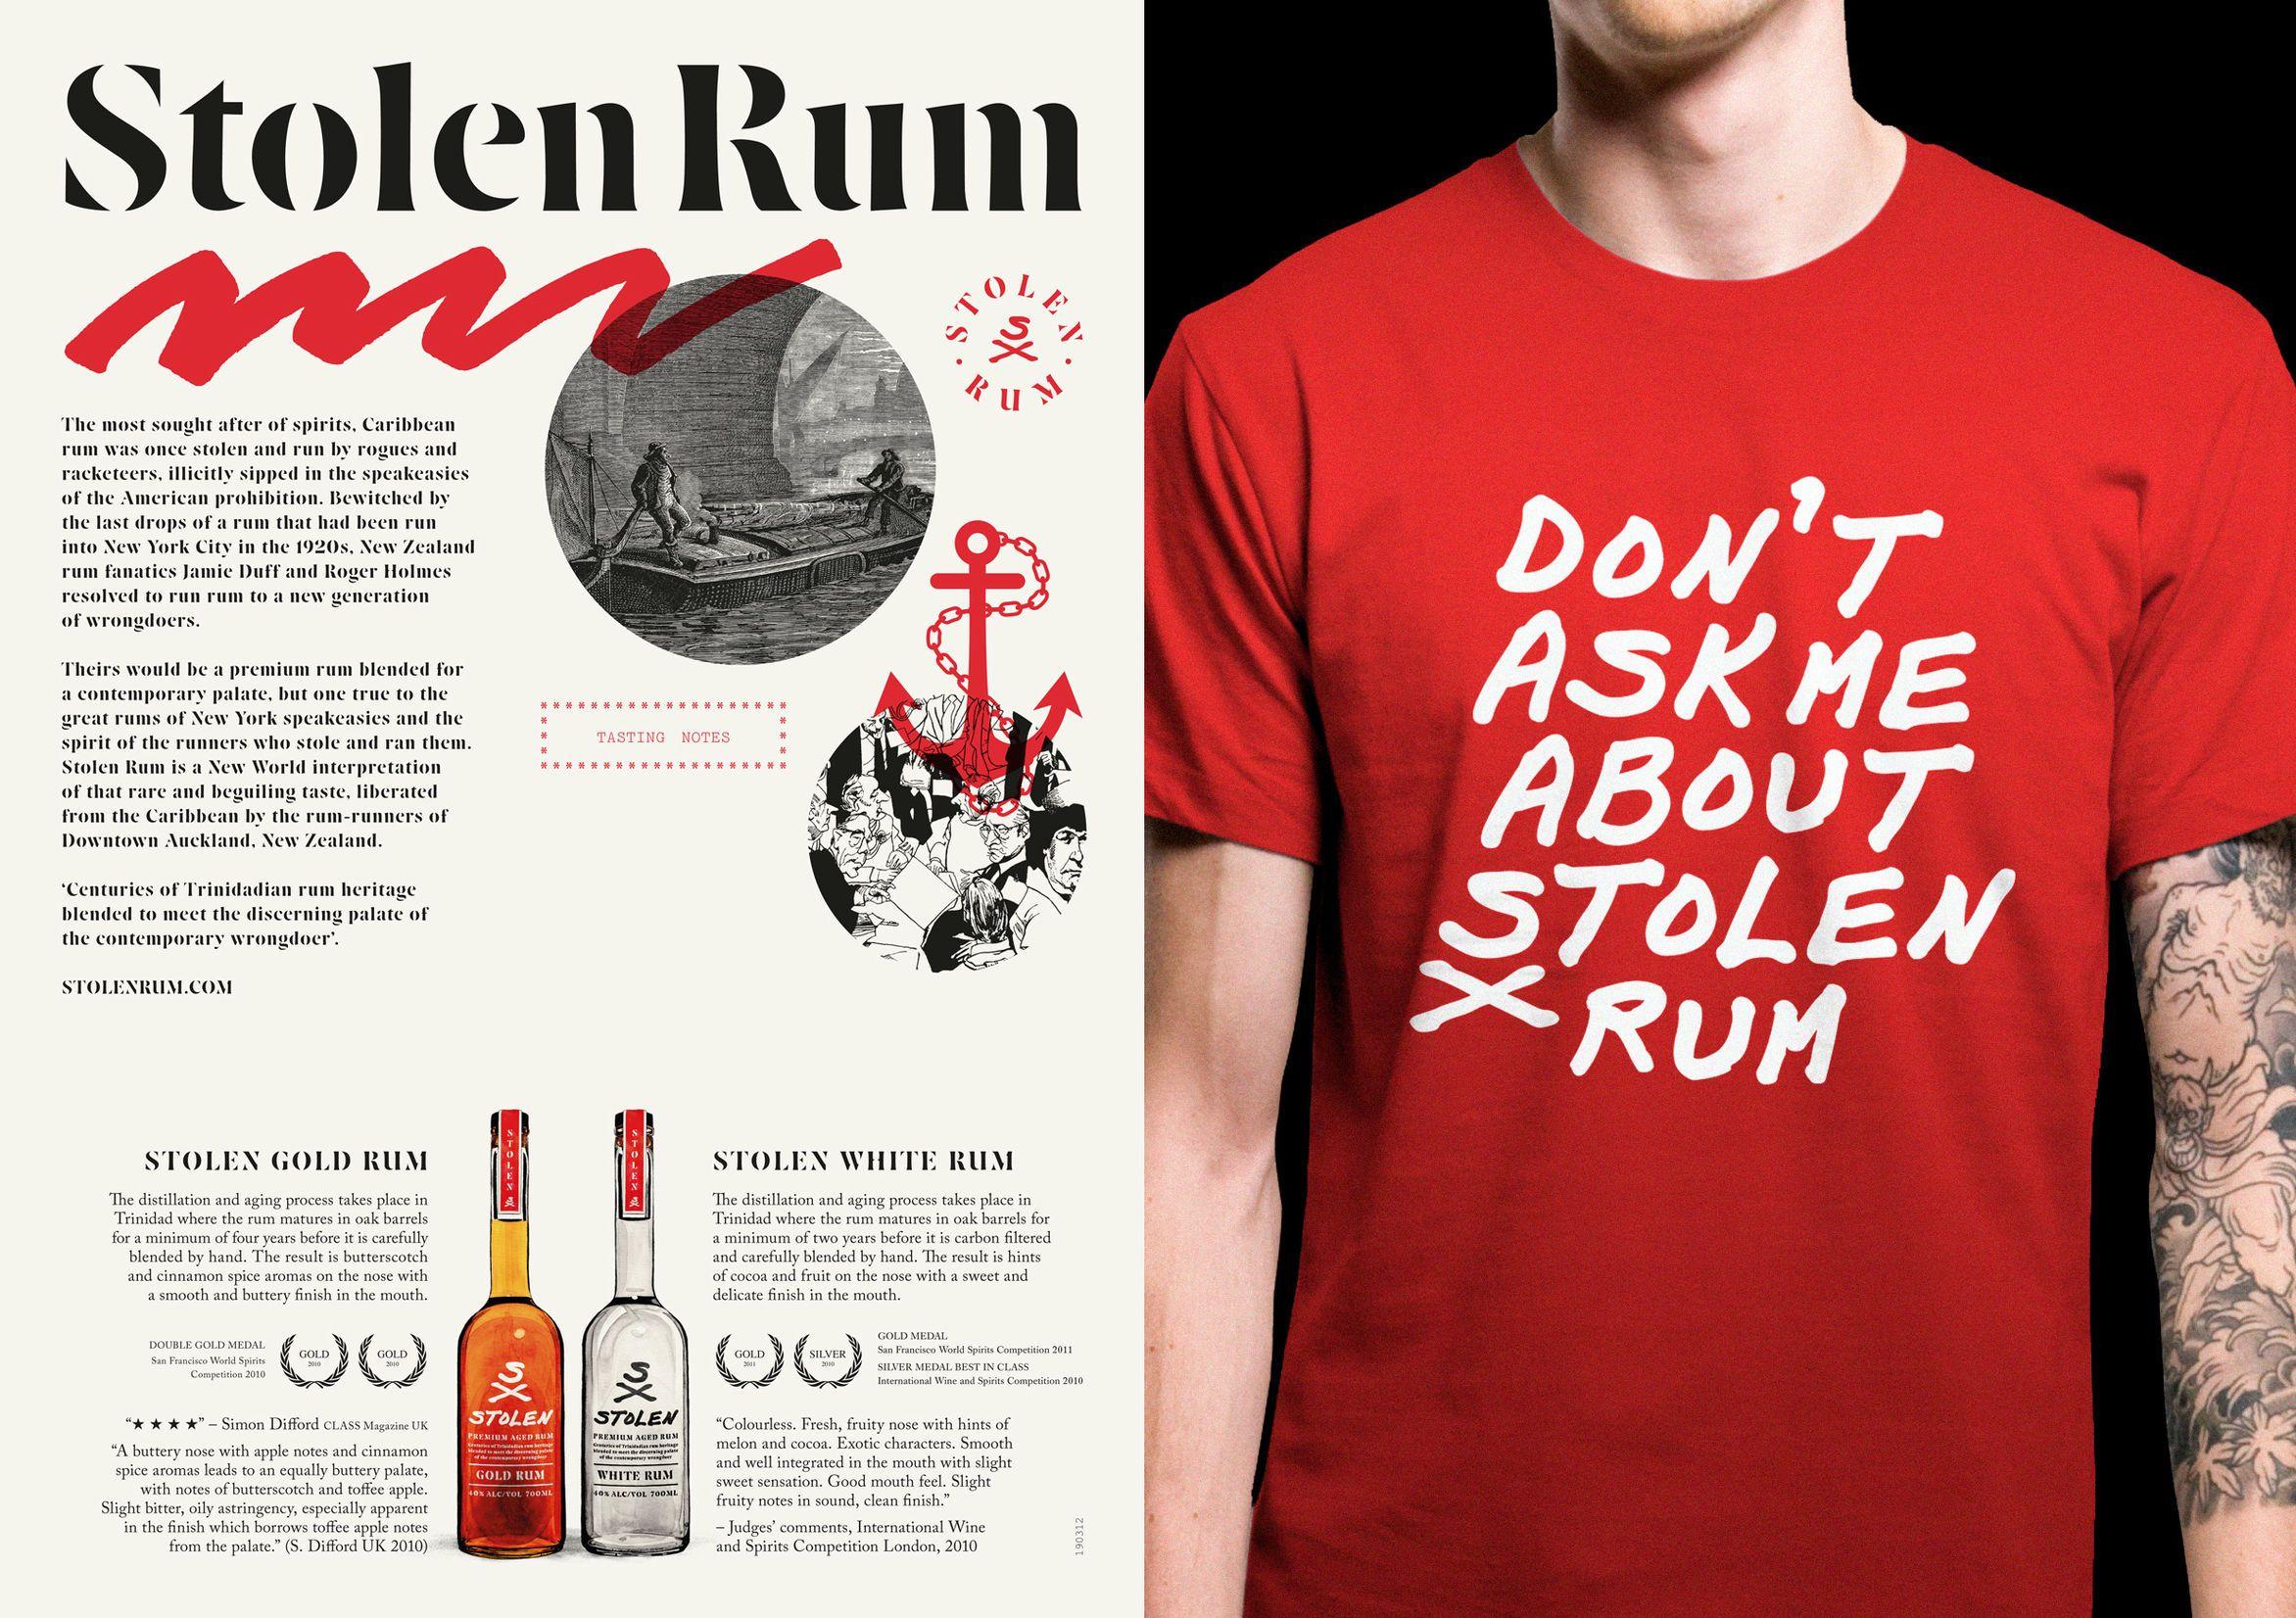 Stolen Rum Best Awards Rum Design Branding Inspiration